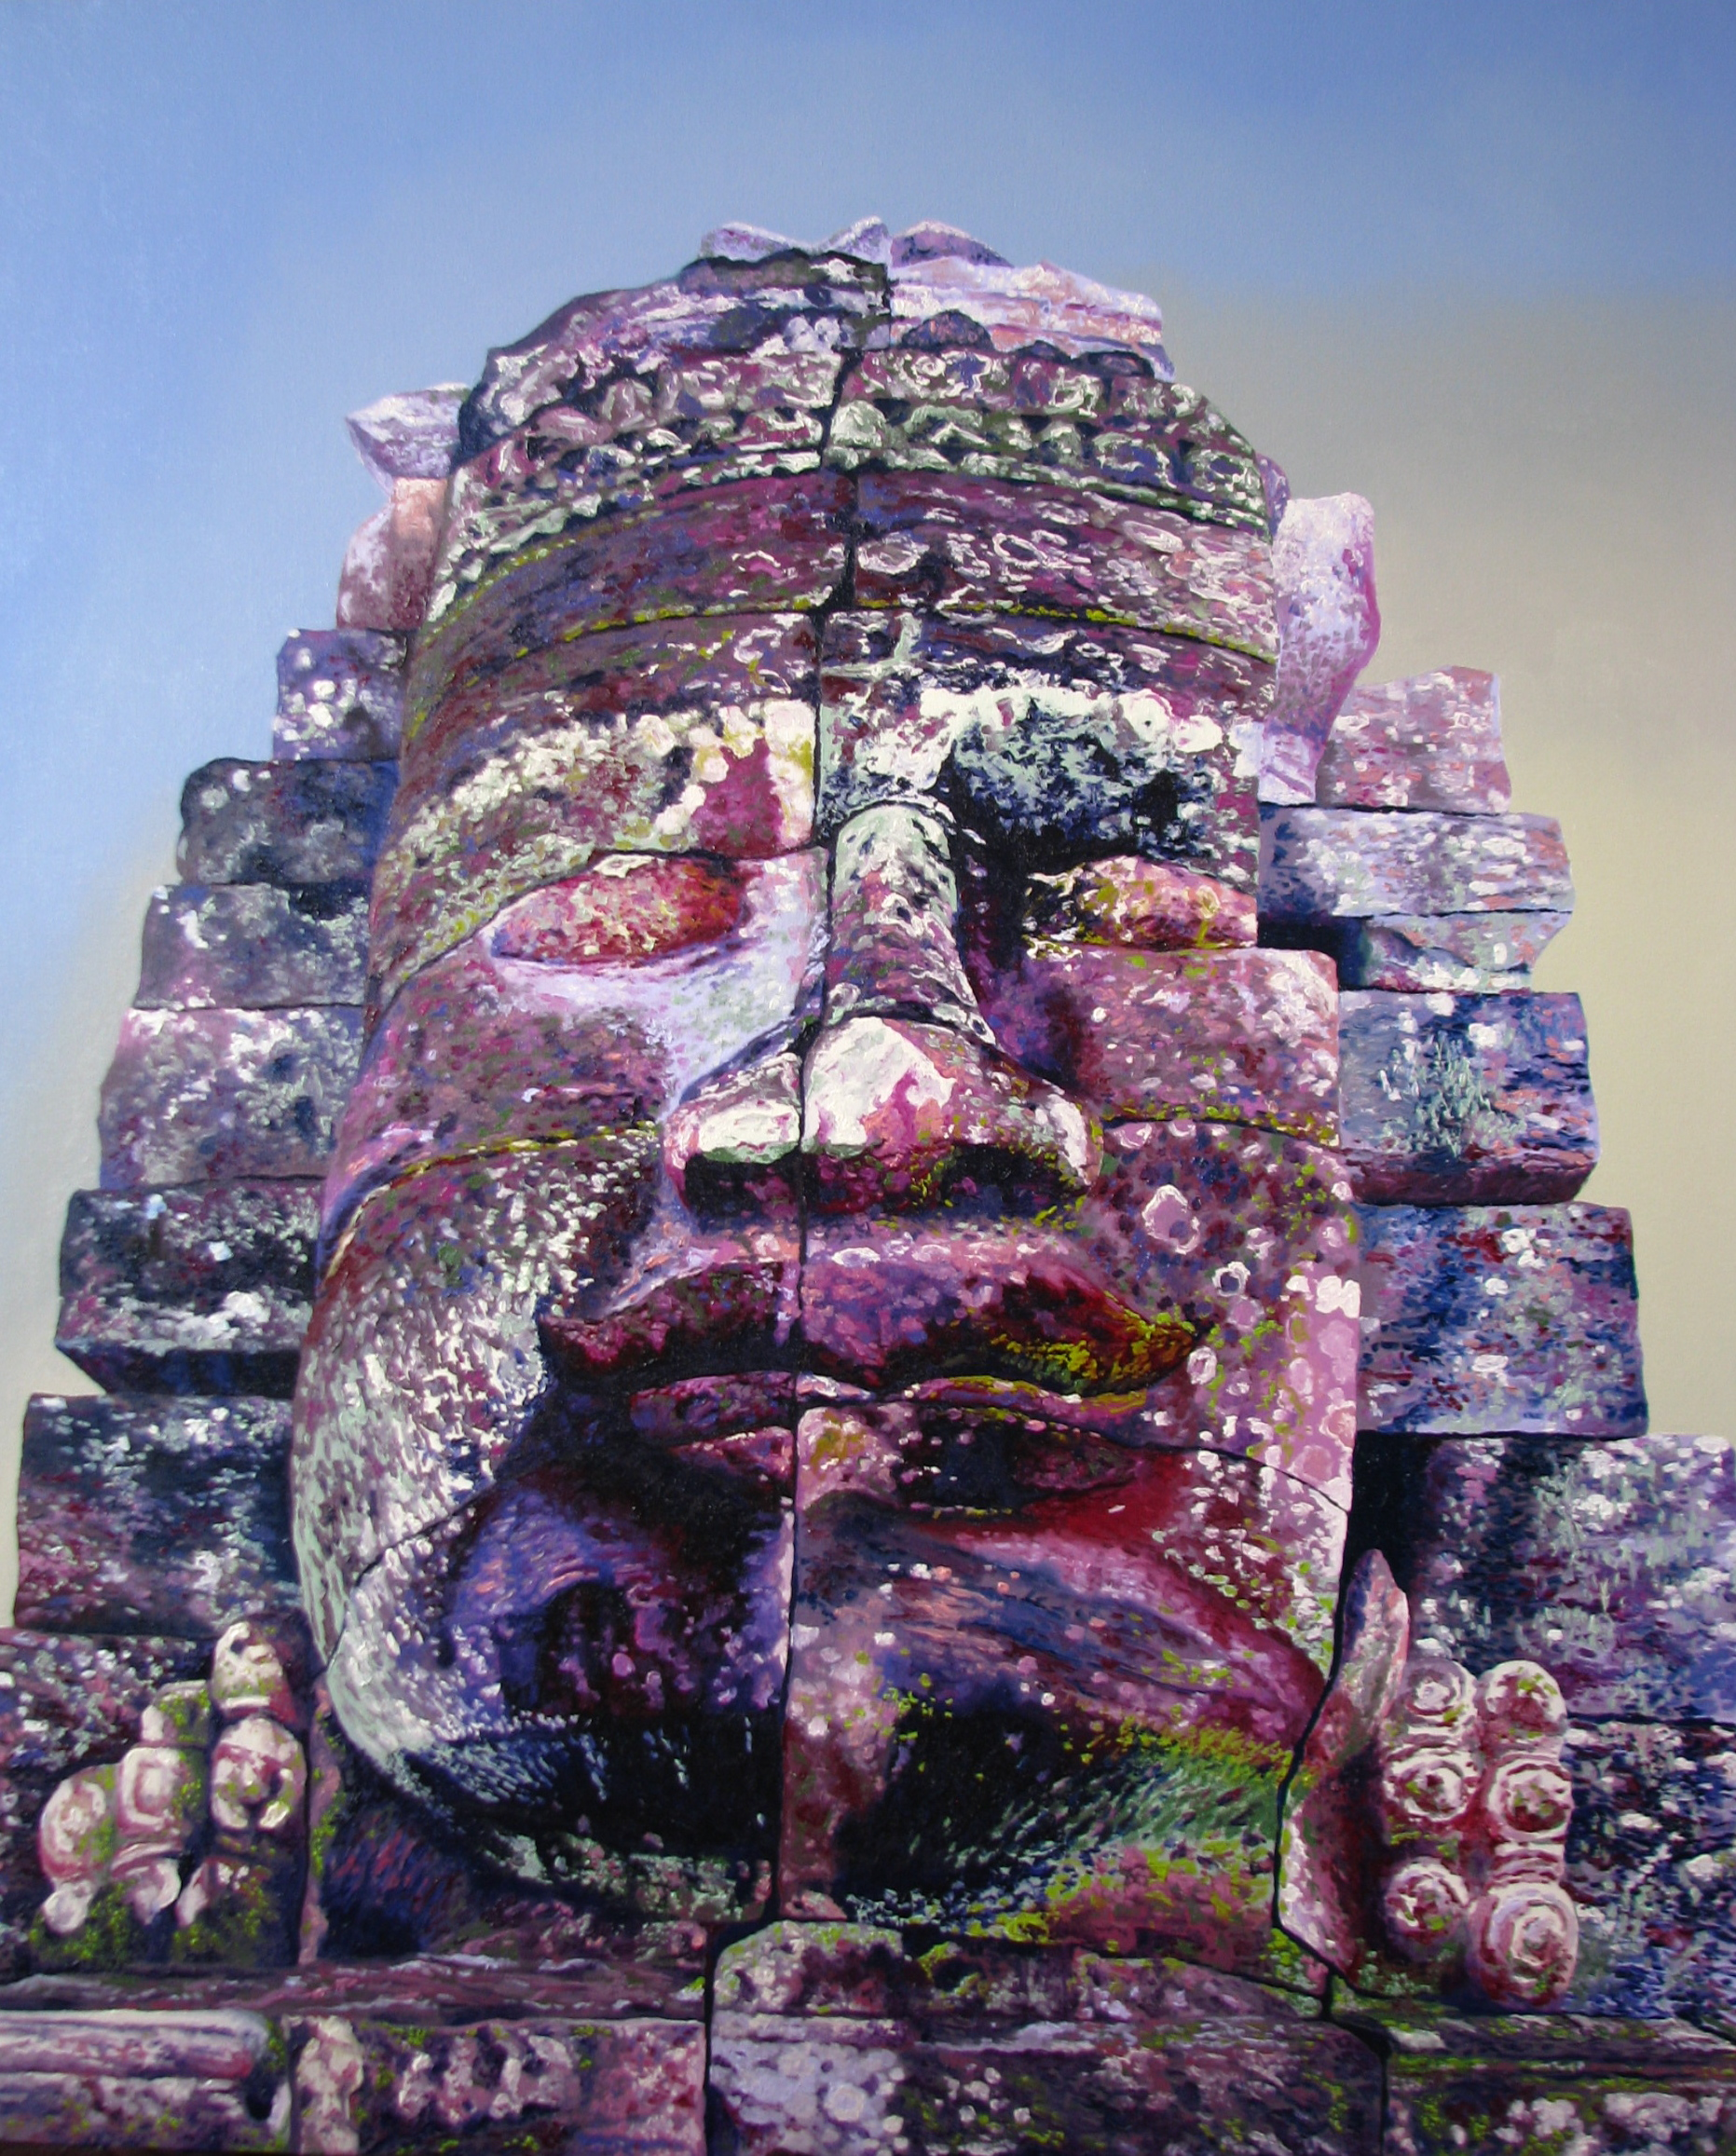 The Ancient Head II